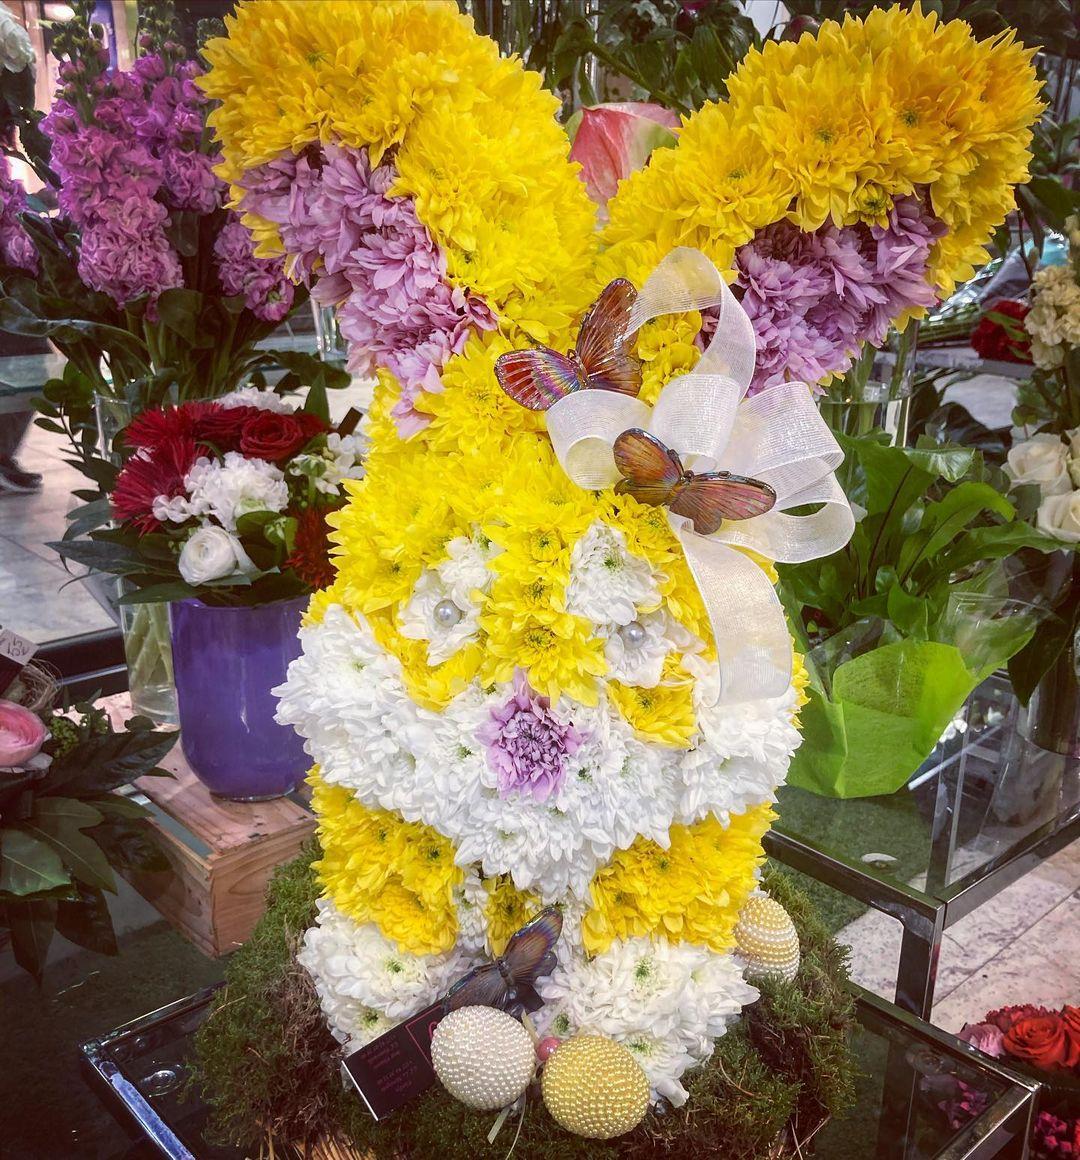 monaco-carlo-blog-les-fetes-de-paques-gastaldi-fleurs-fleuriste-decorations